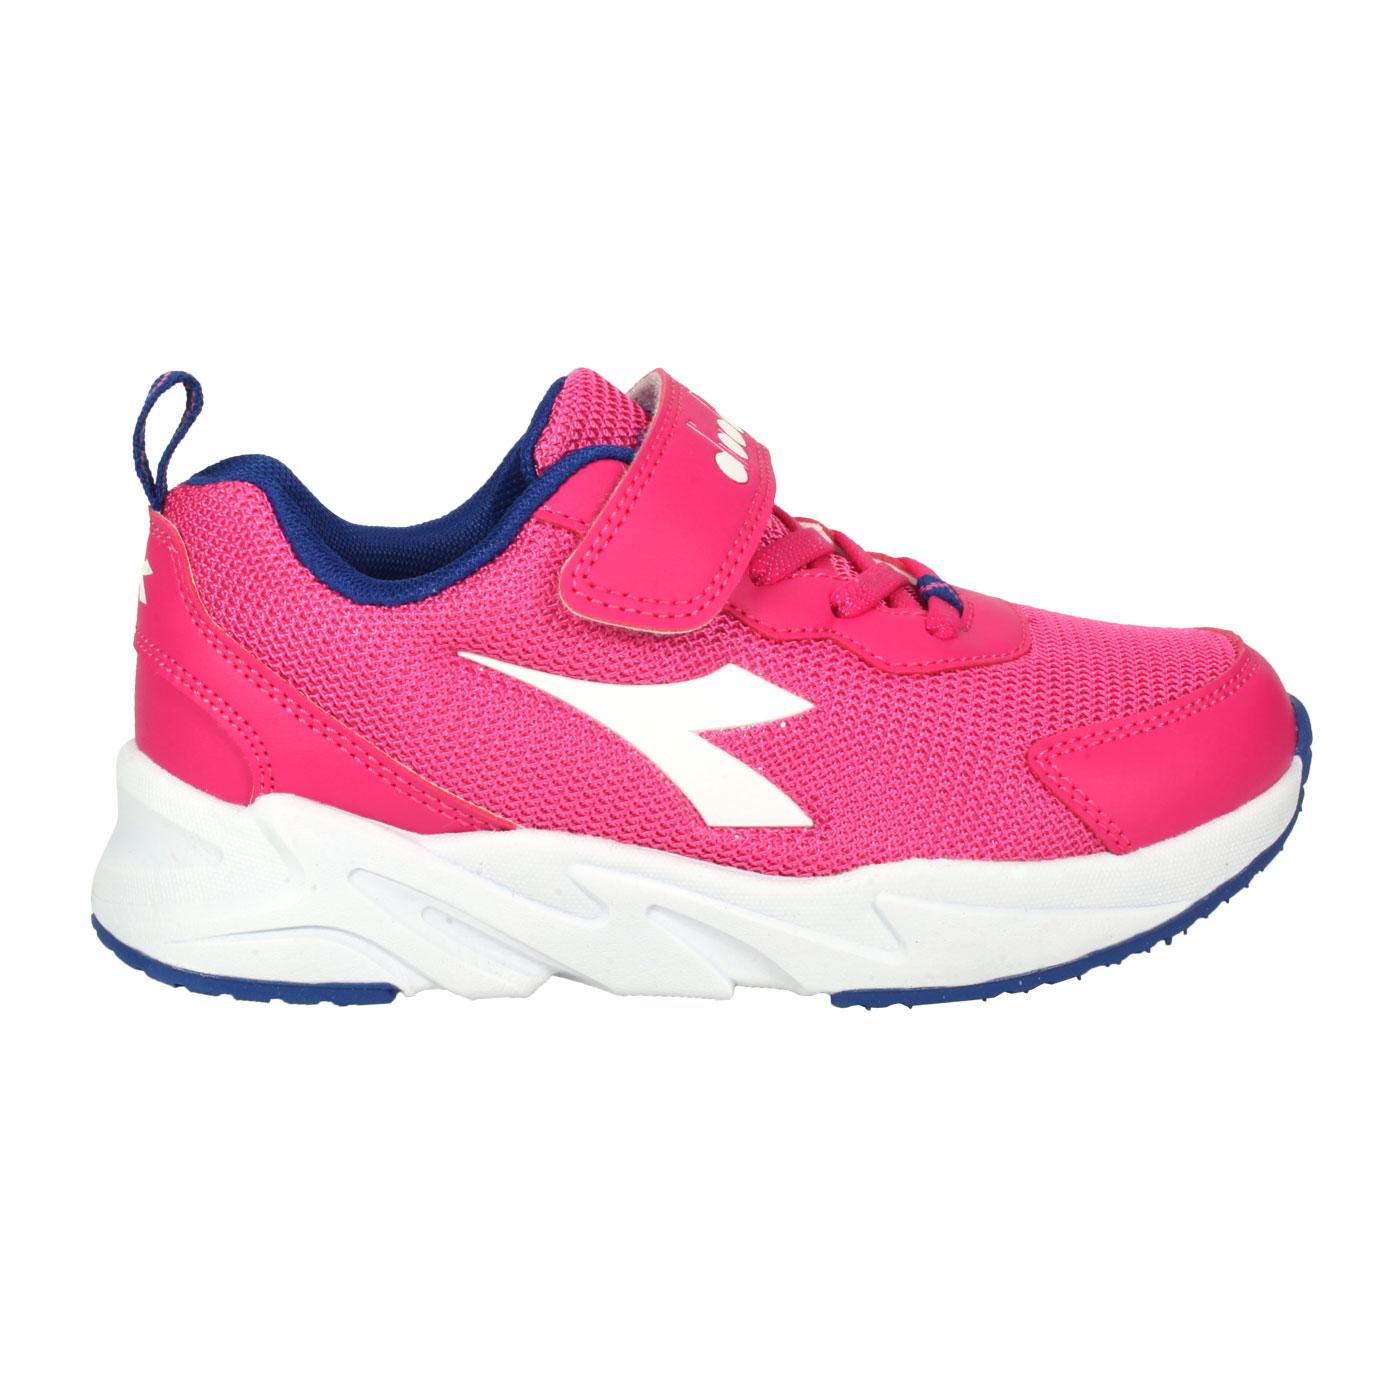 DIADORA 中童專業慢跑輕量鞋-超寬楦 DA11027 - 桃紅白